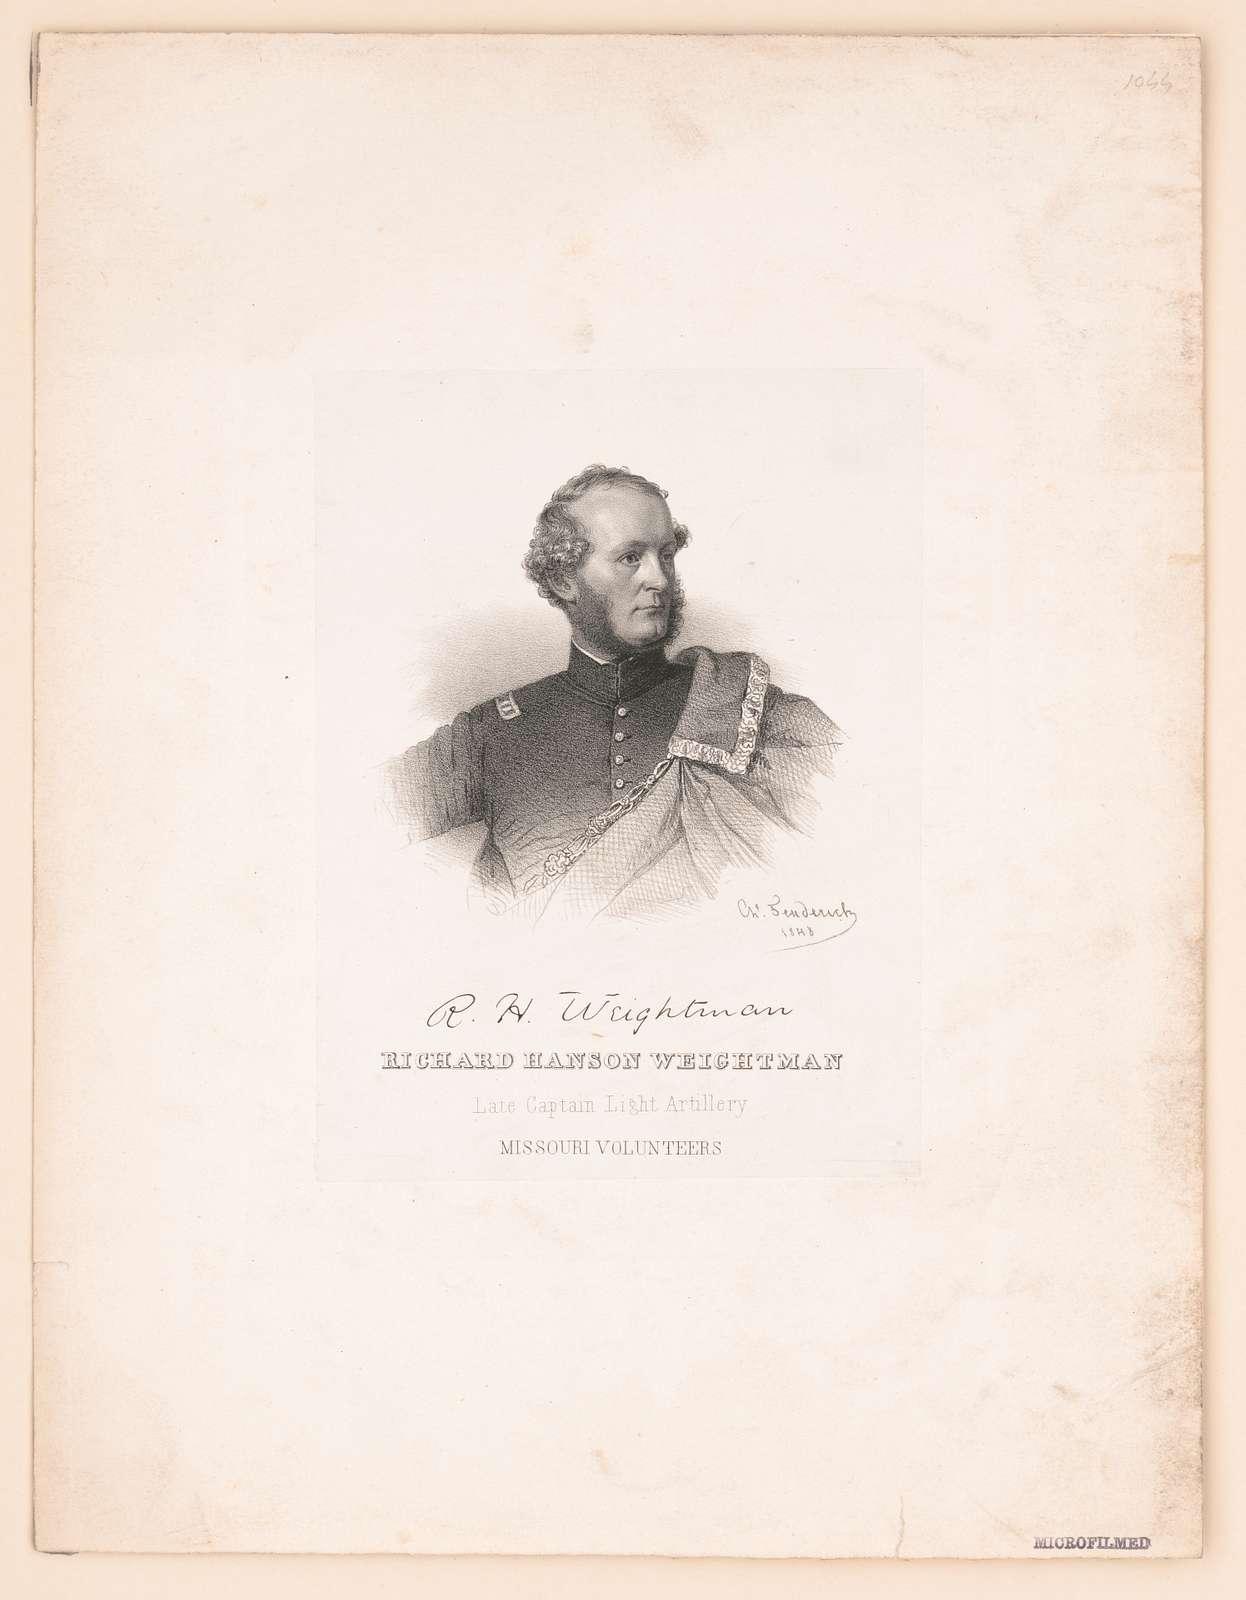 Richard Hanson Weightman, Late Captain Light Artillery Missouri Volunteers